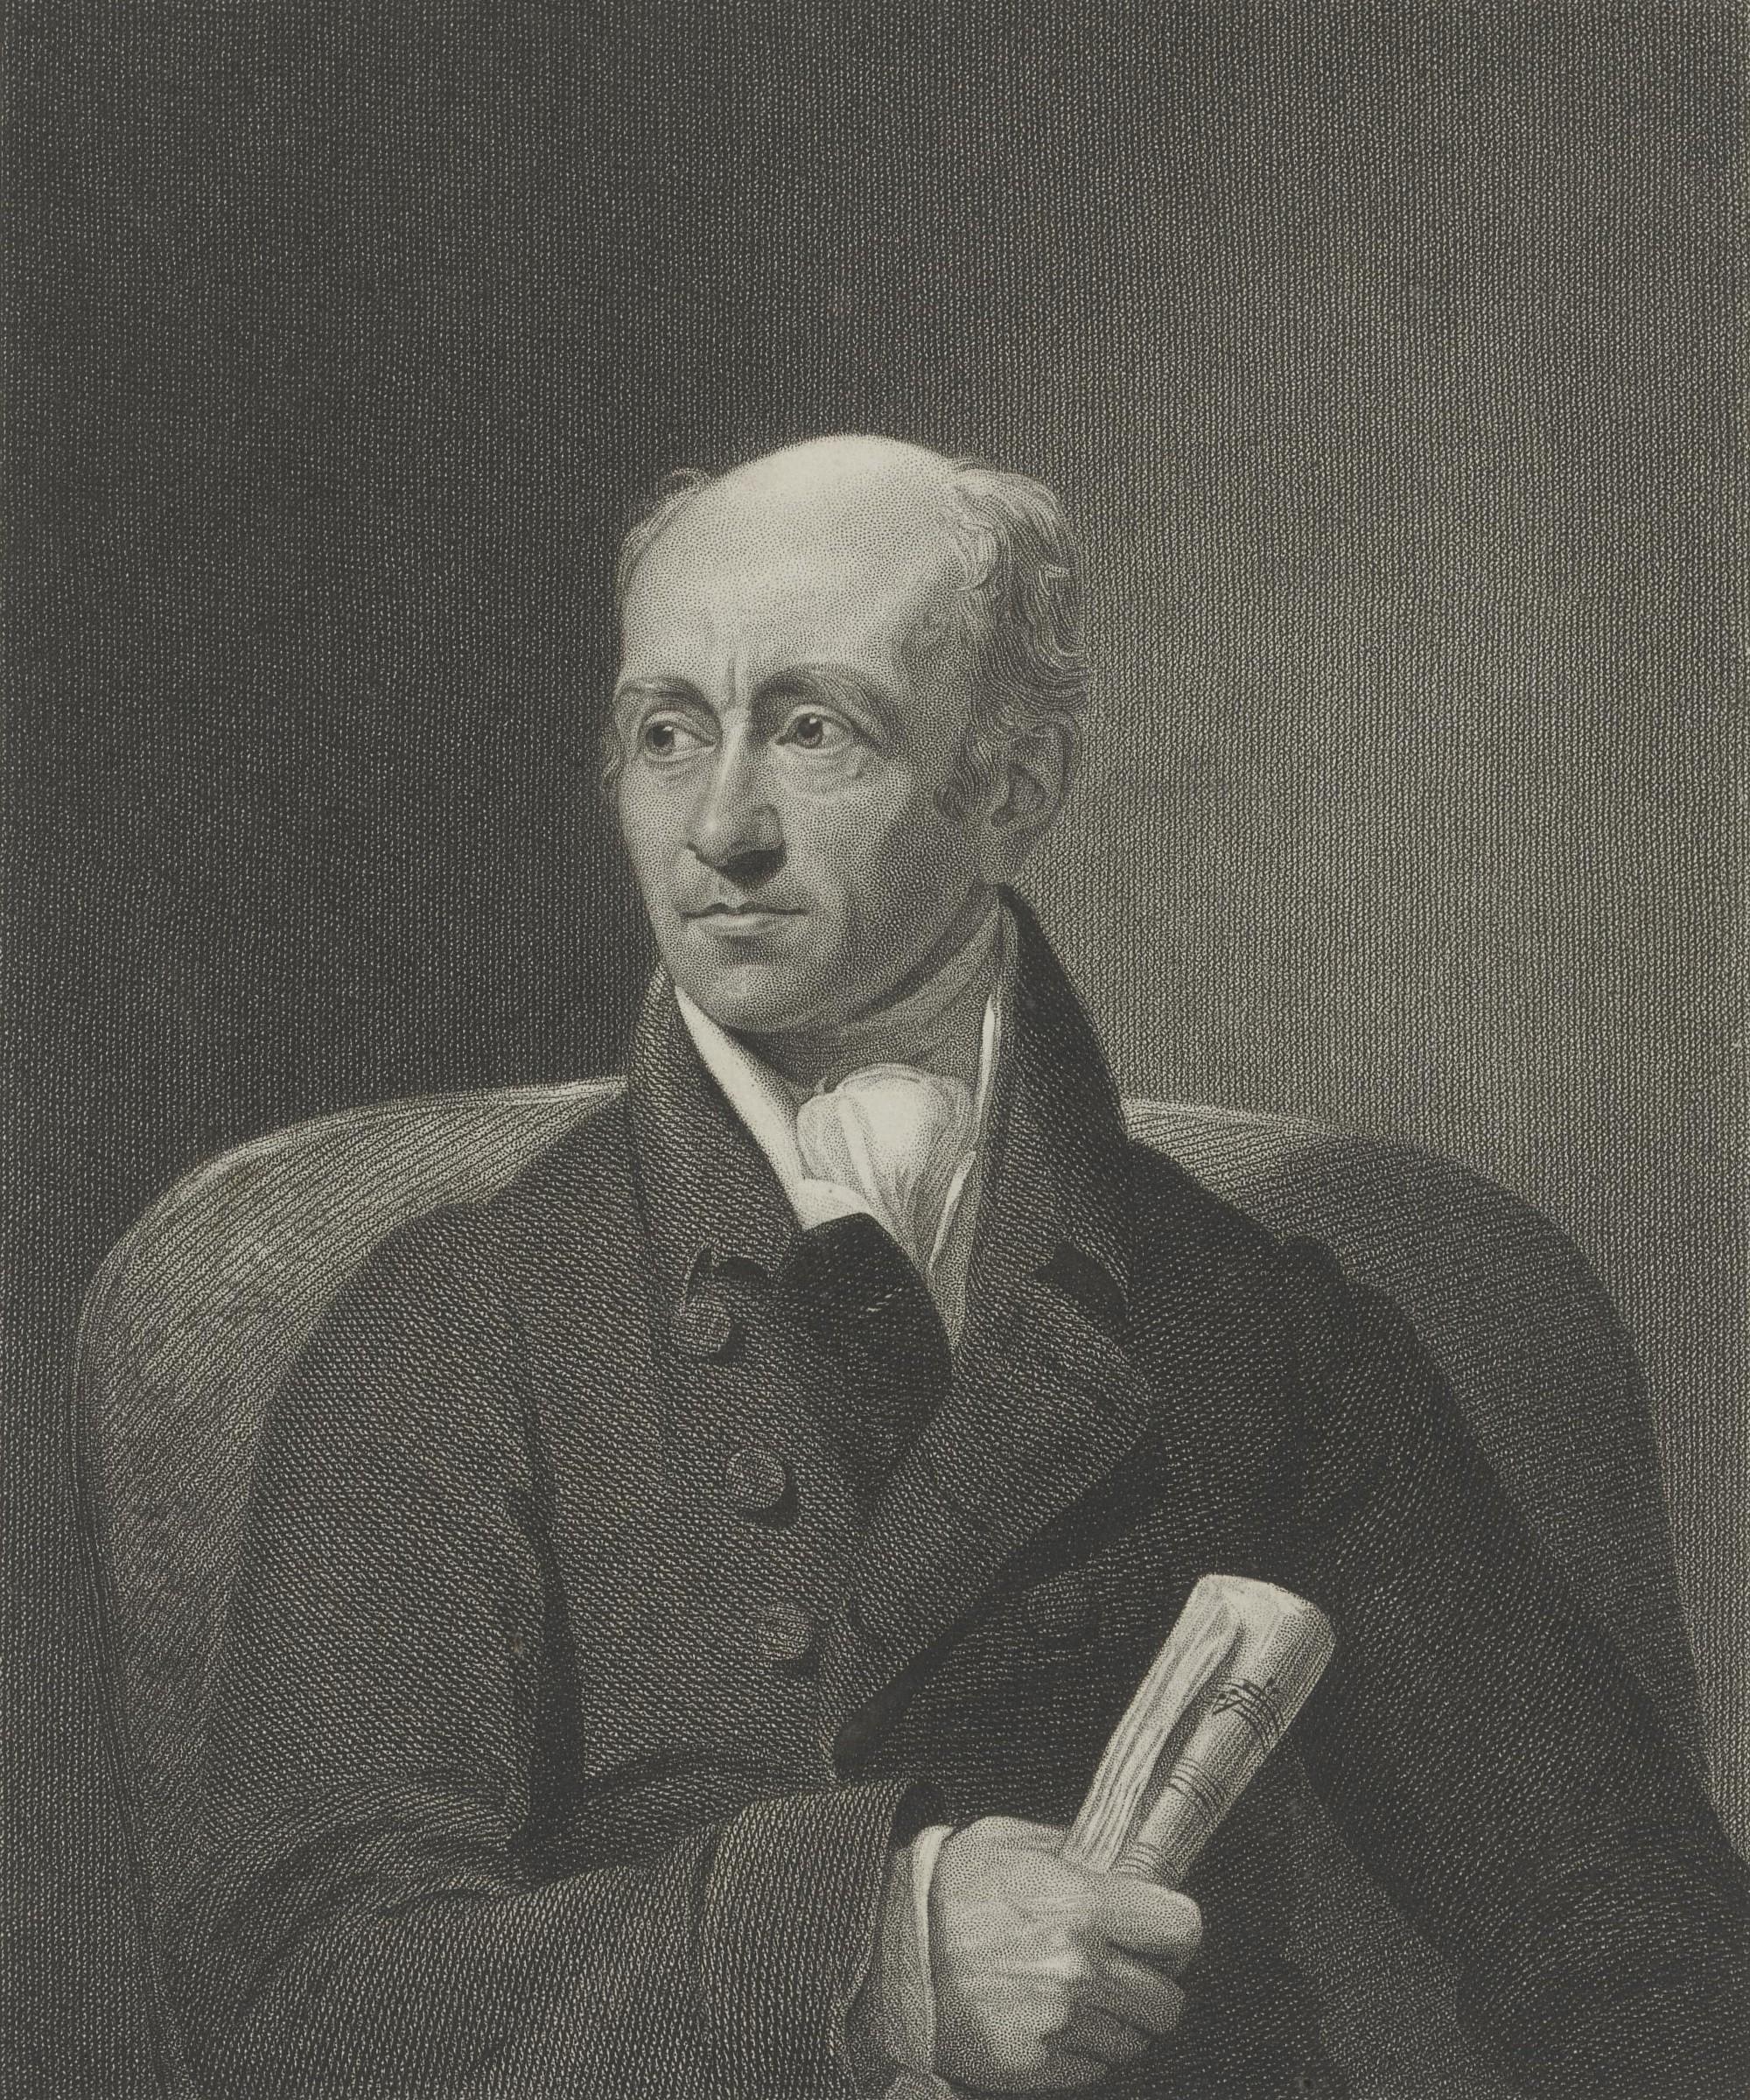 Muzio Clementi (1752 - 1832) ---------------- Sonatina Op. 36 n. 2